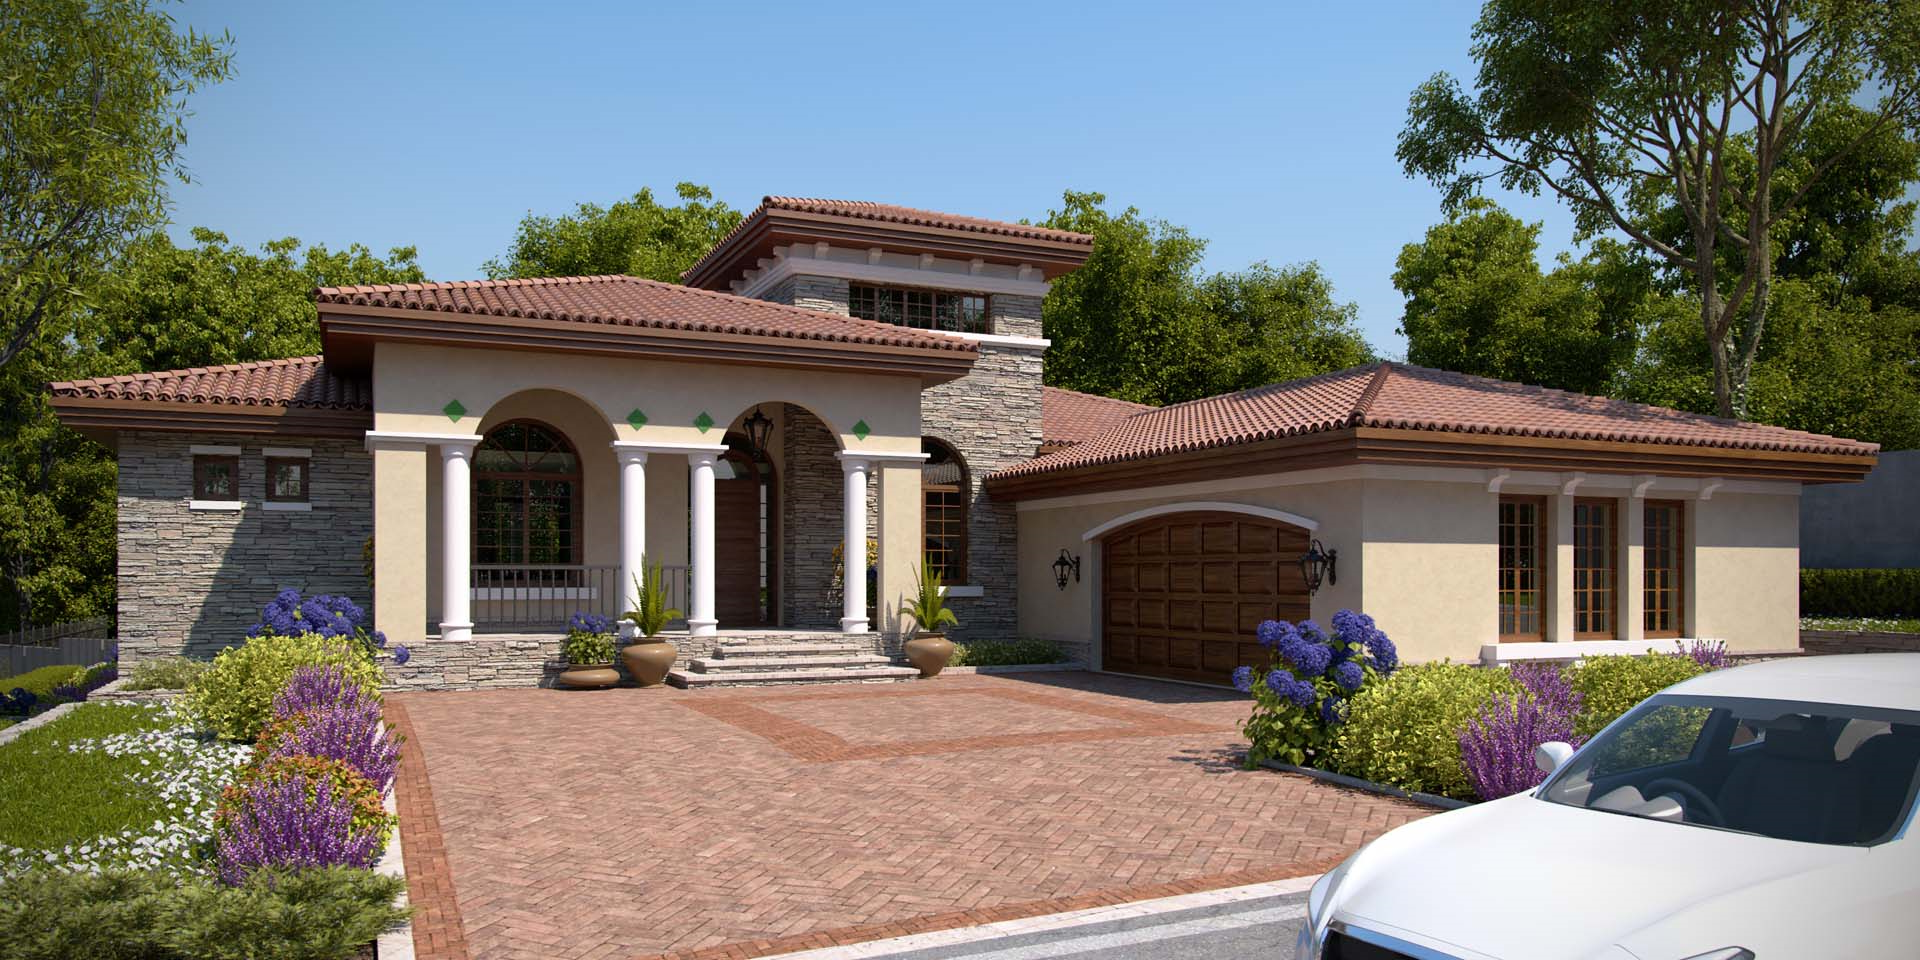 Maison de style moderne avec arches